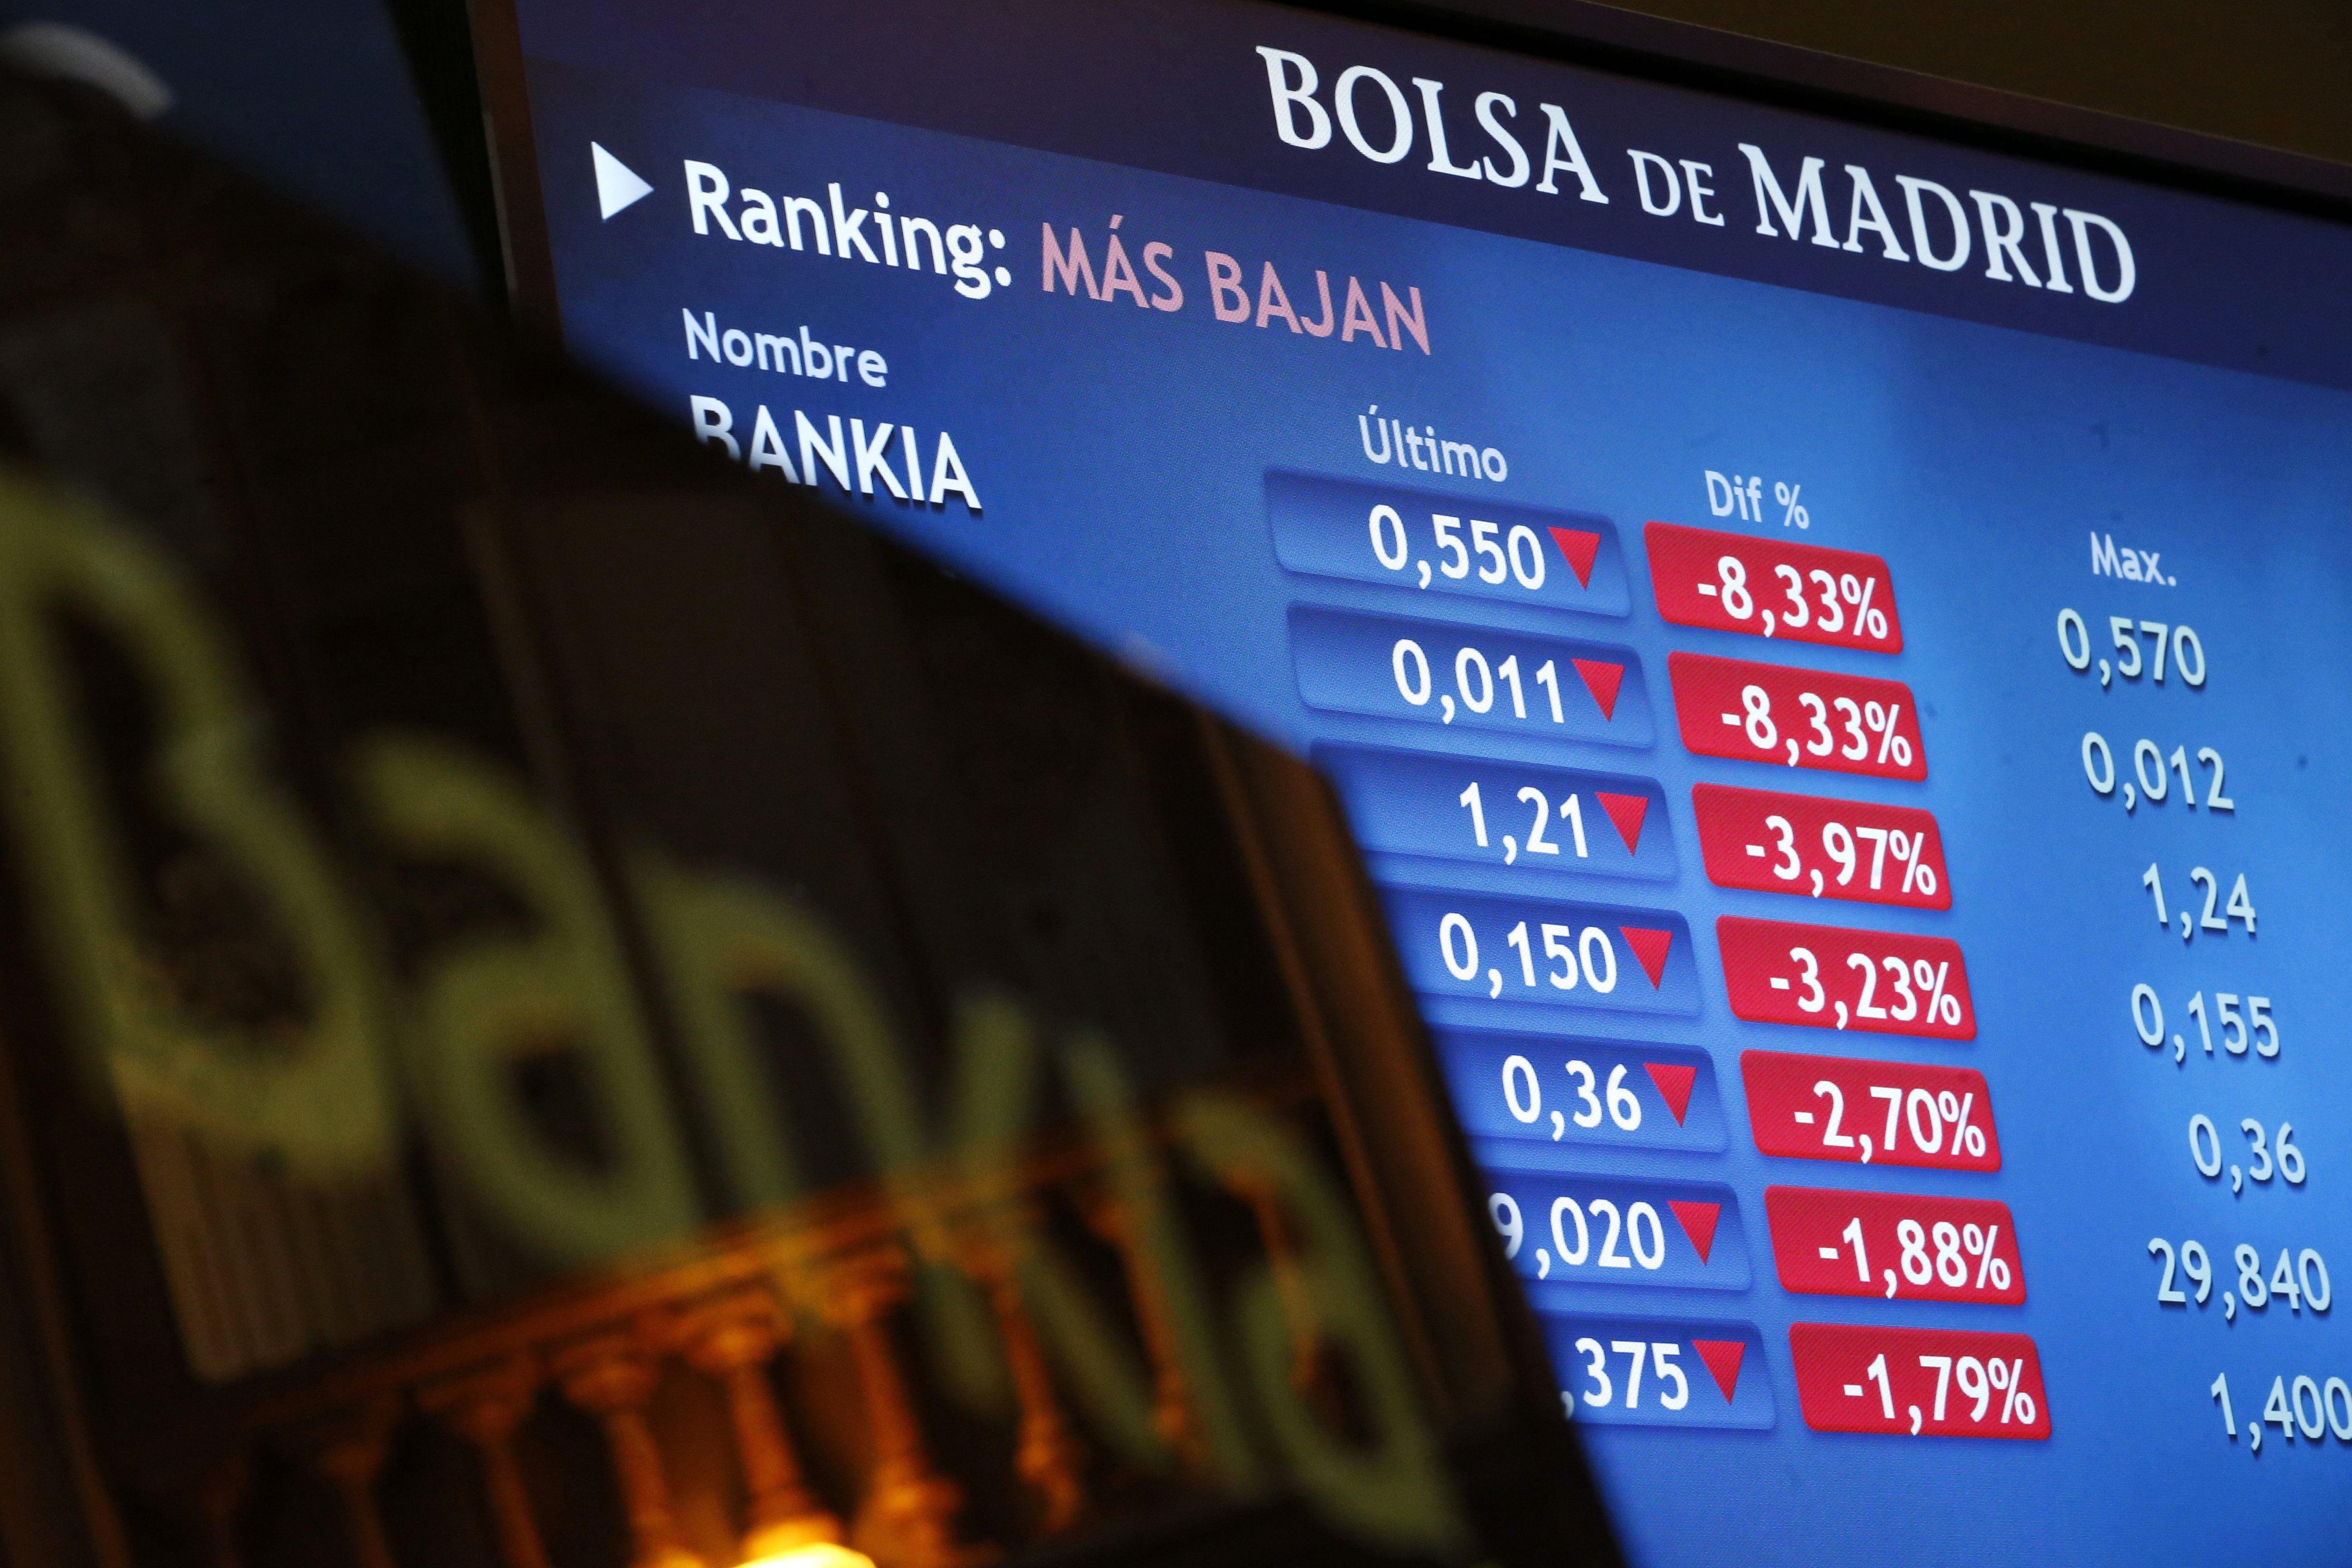 La bolsa cierra en mínimos anuales y el interés del bono español repunta